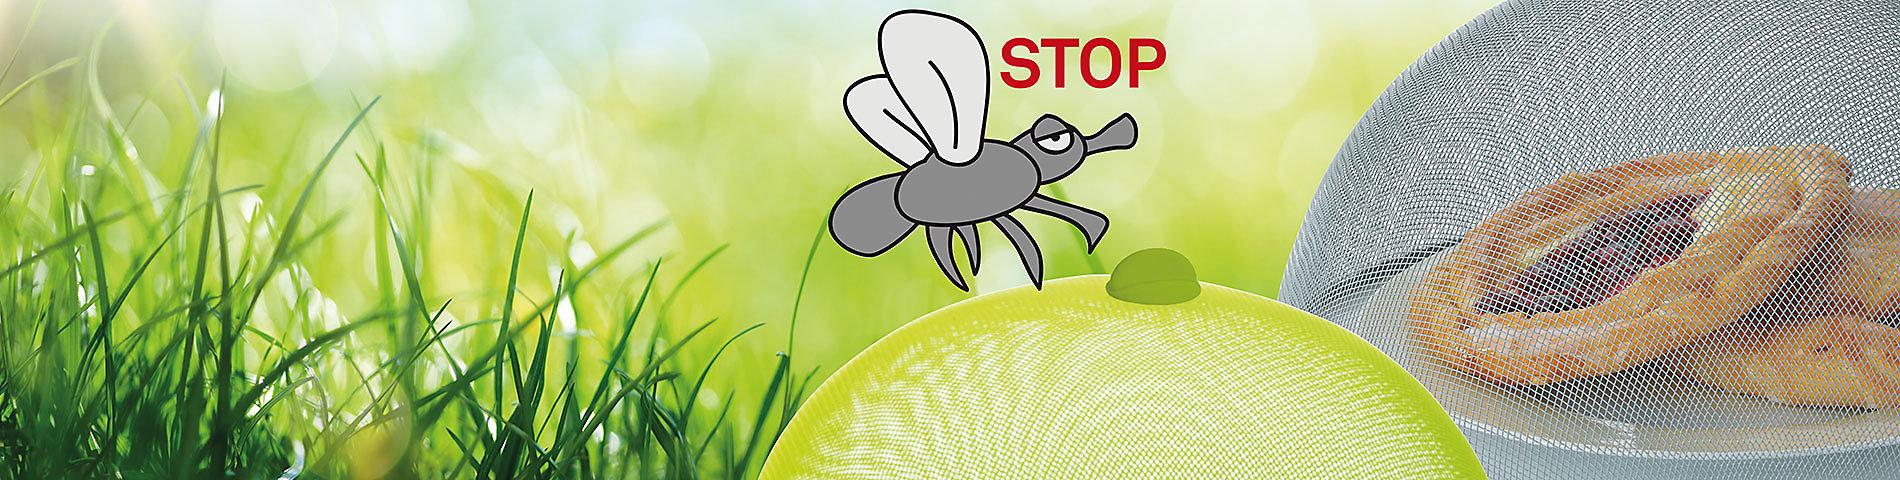 Aktion Insektenschutz Wespenschutz Abdeckhaube für Obst und Speisen